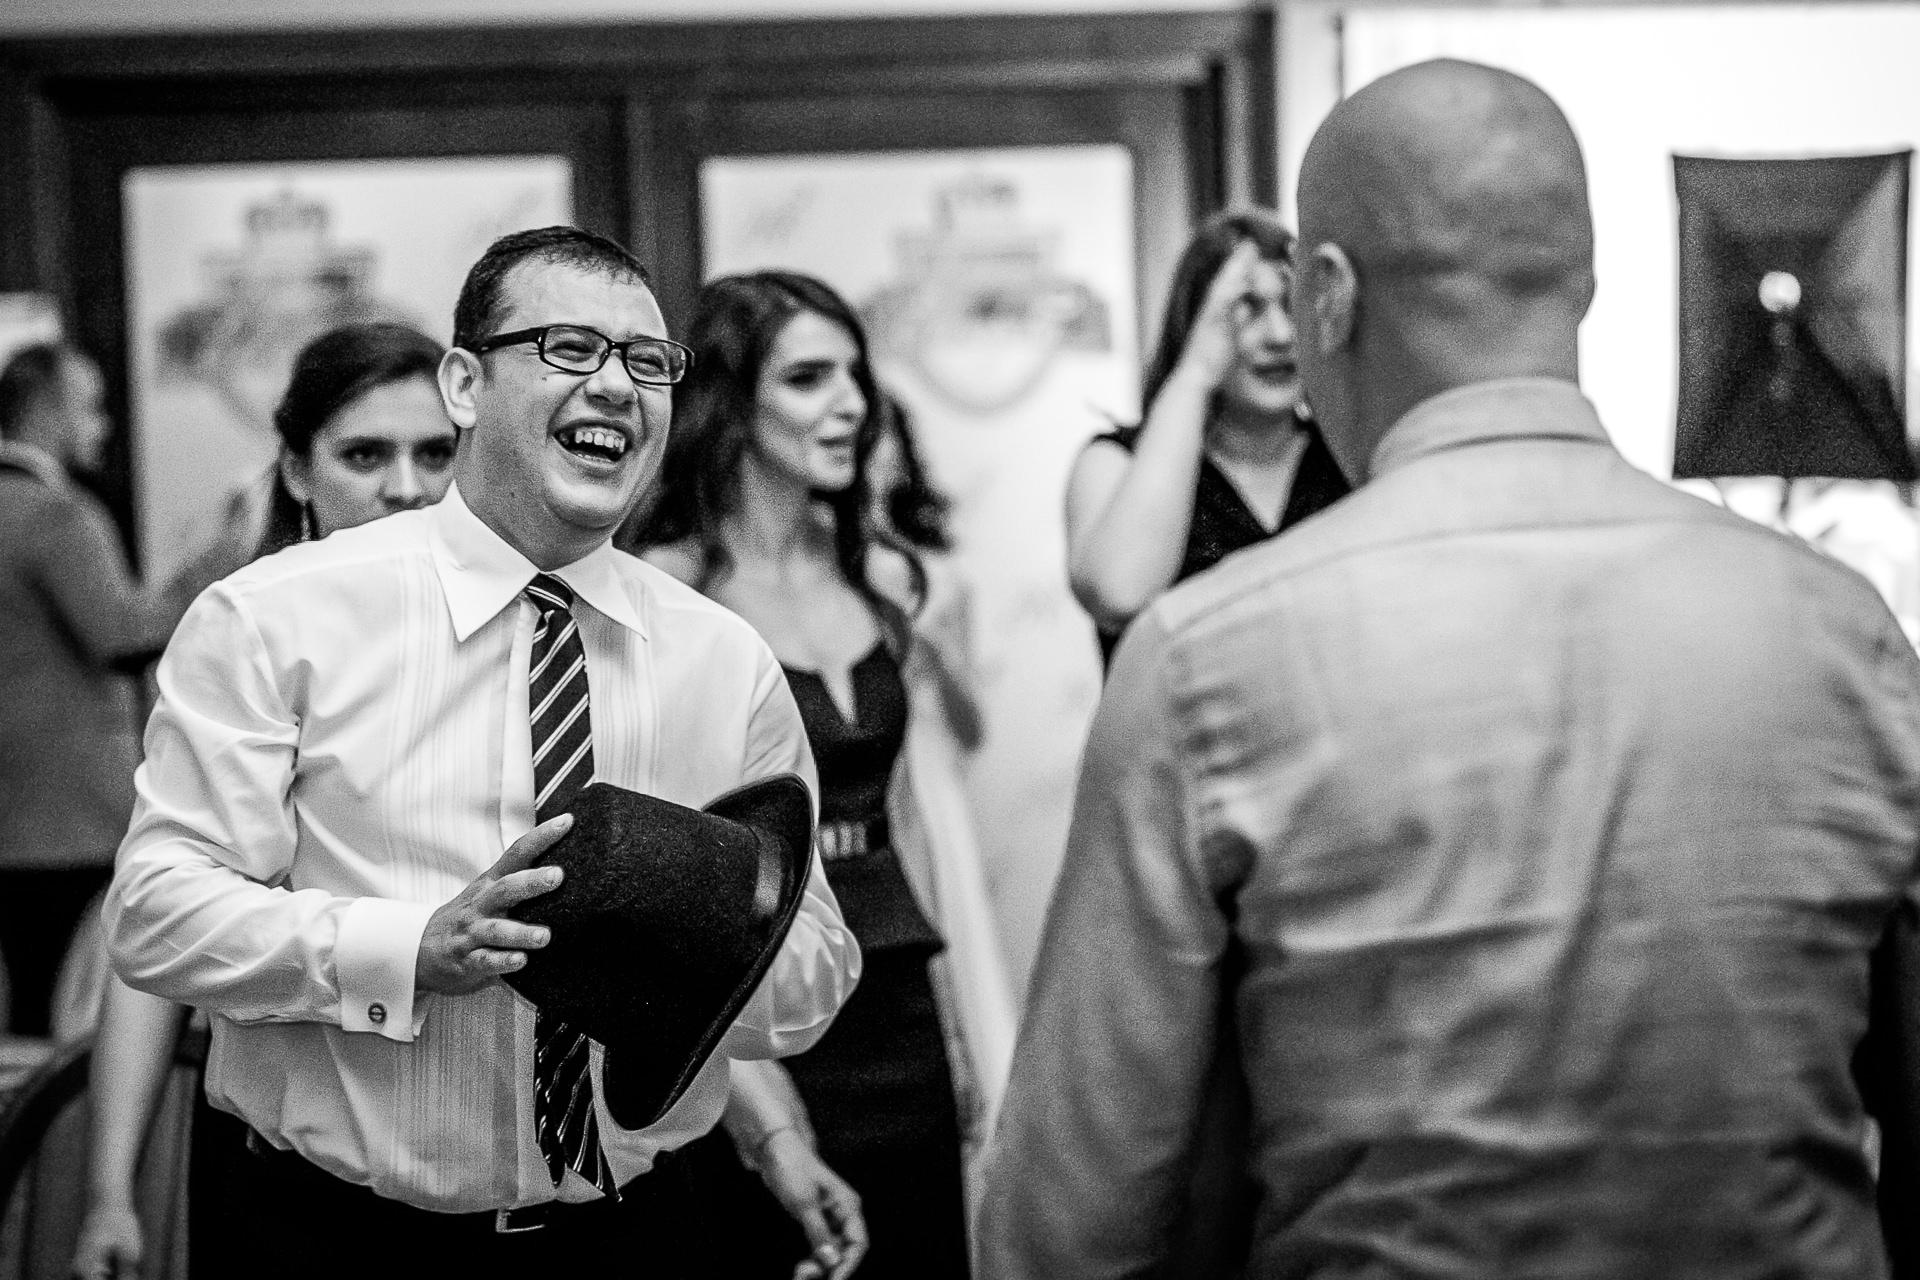 nuntă Salon Elisabeta - Elena şi Costin - Mihai Zaharia Photography - 070